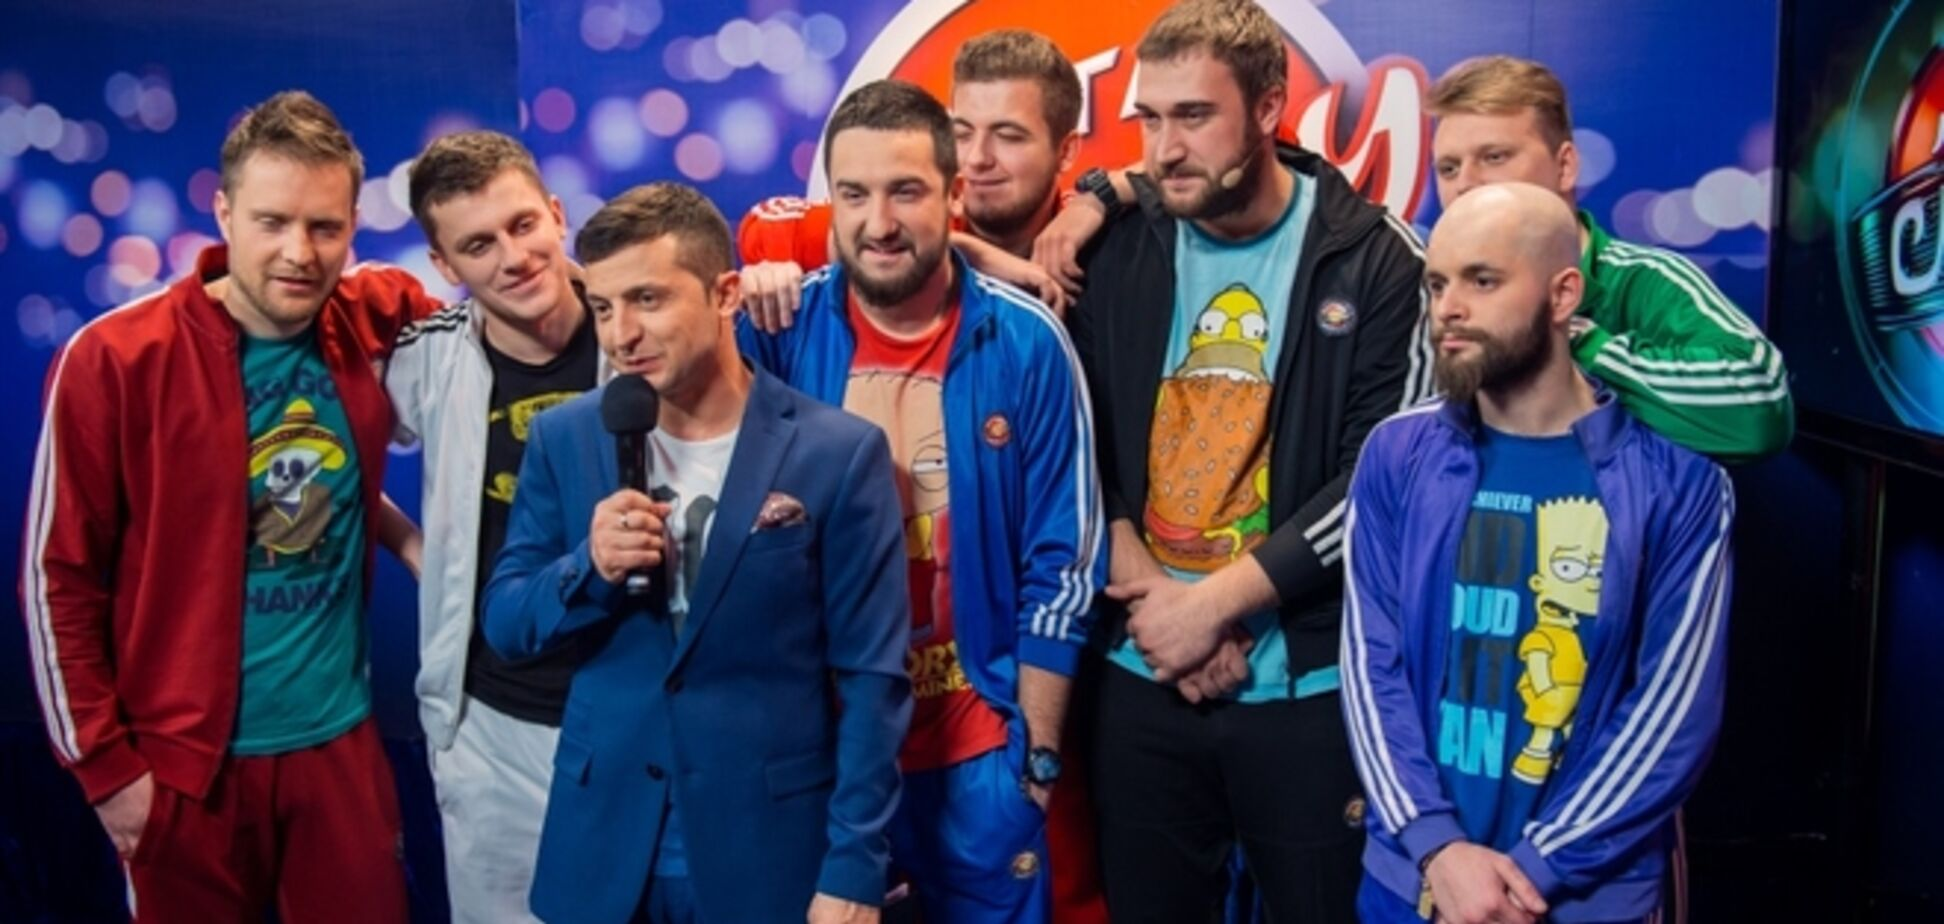 Зеленський запускає телевізійний чемпіонат з гумору